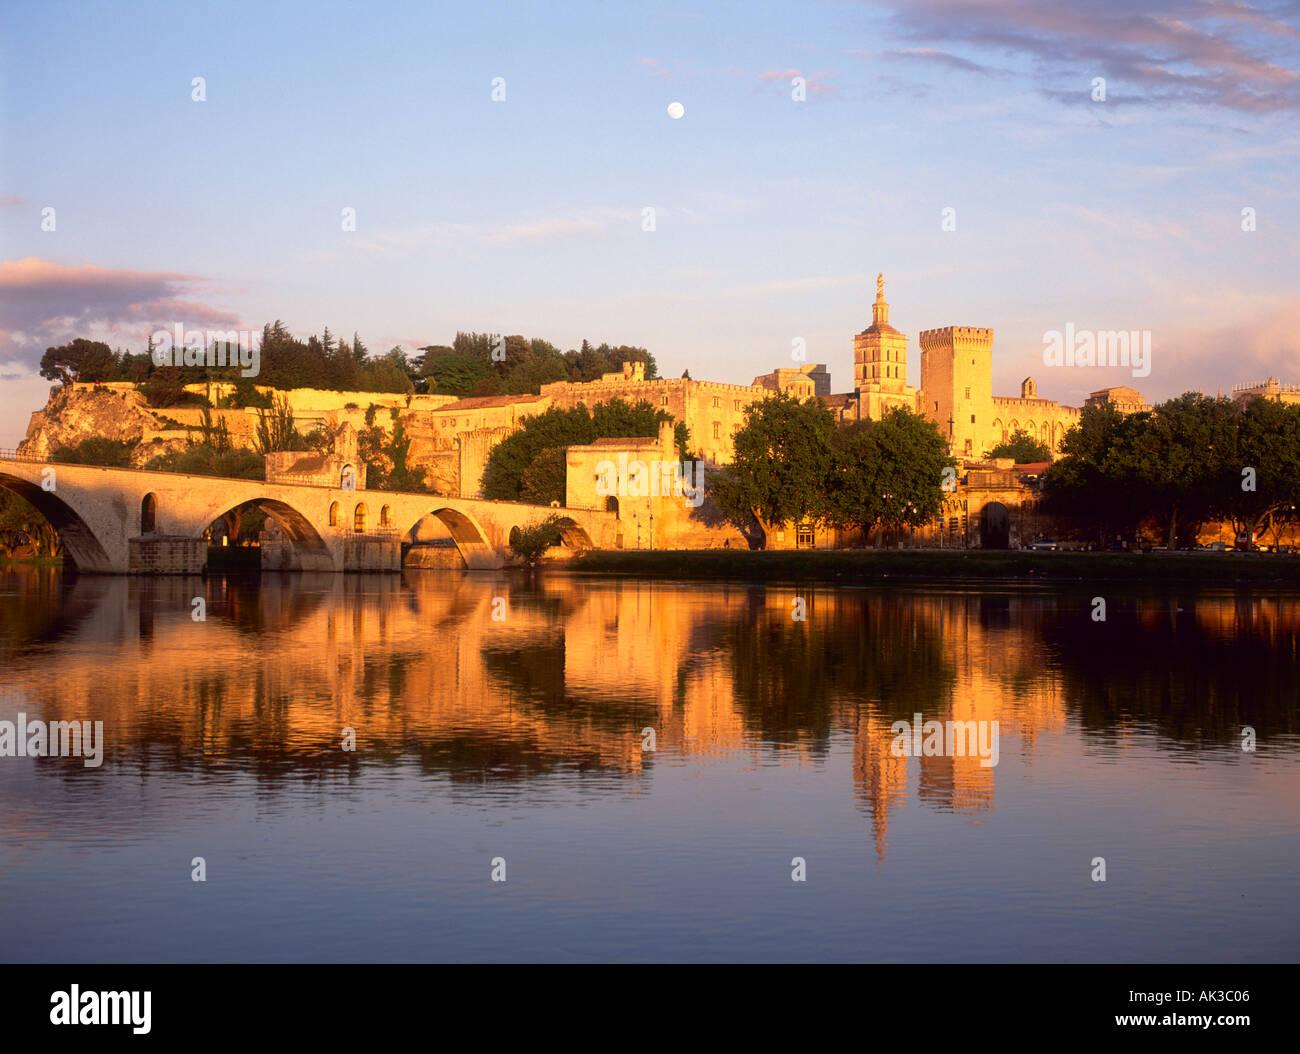 Avignon, Vaucluse, Provence, France, Rhone River, Pont d Avignon, Pont Saint Benezet, Palais des Papes, Palace of the Popes - Stock Image